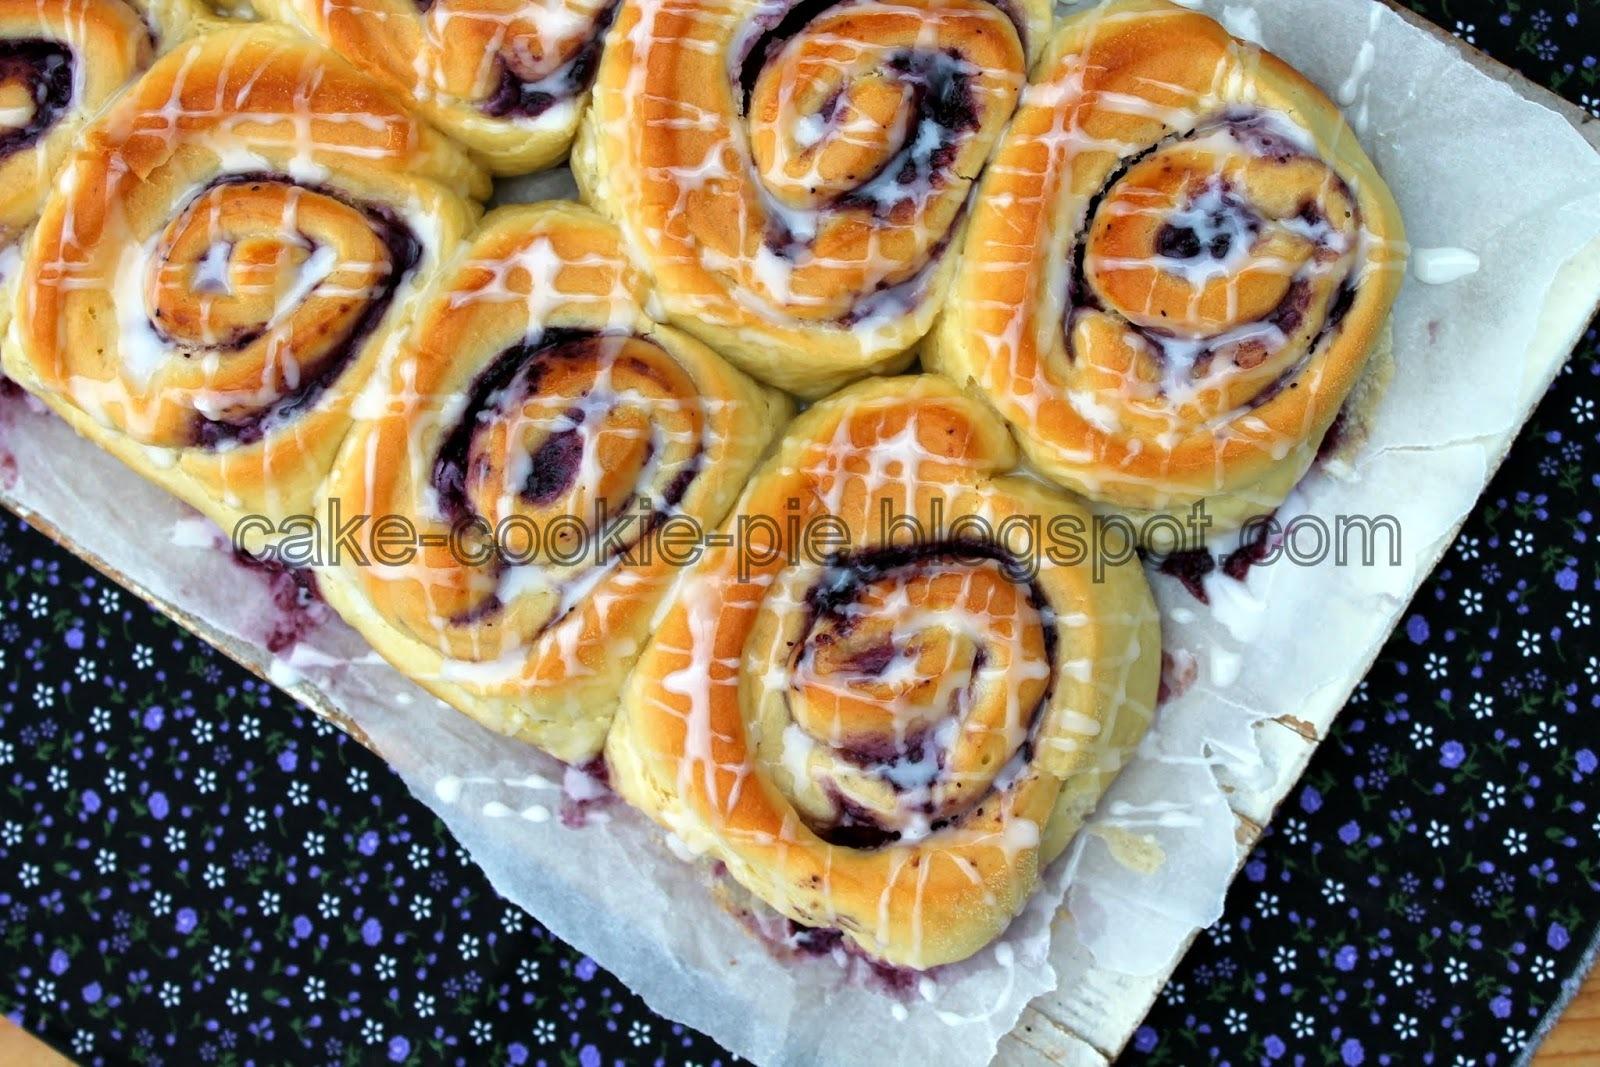 Daring Bakers June 2014 - Cinnamon rolls challenge